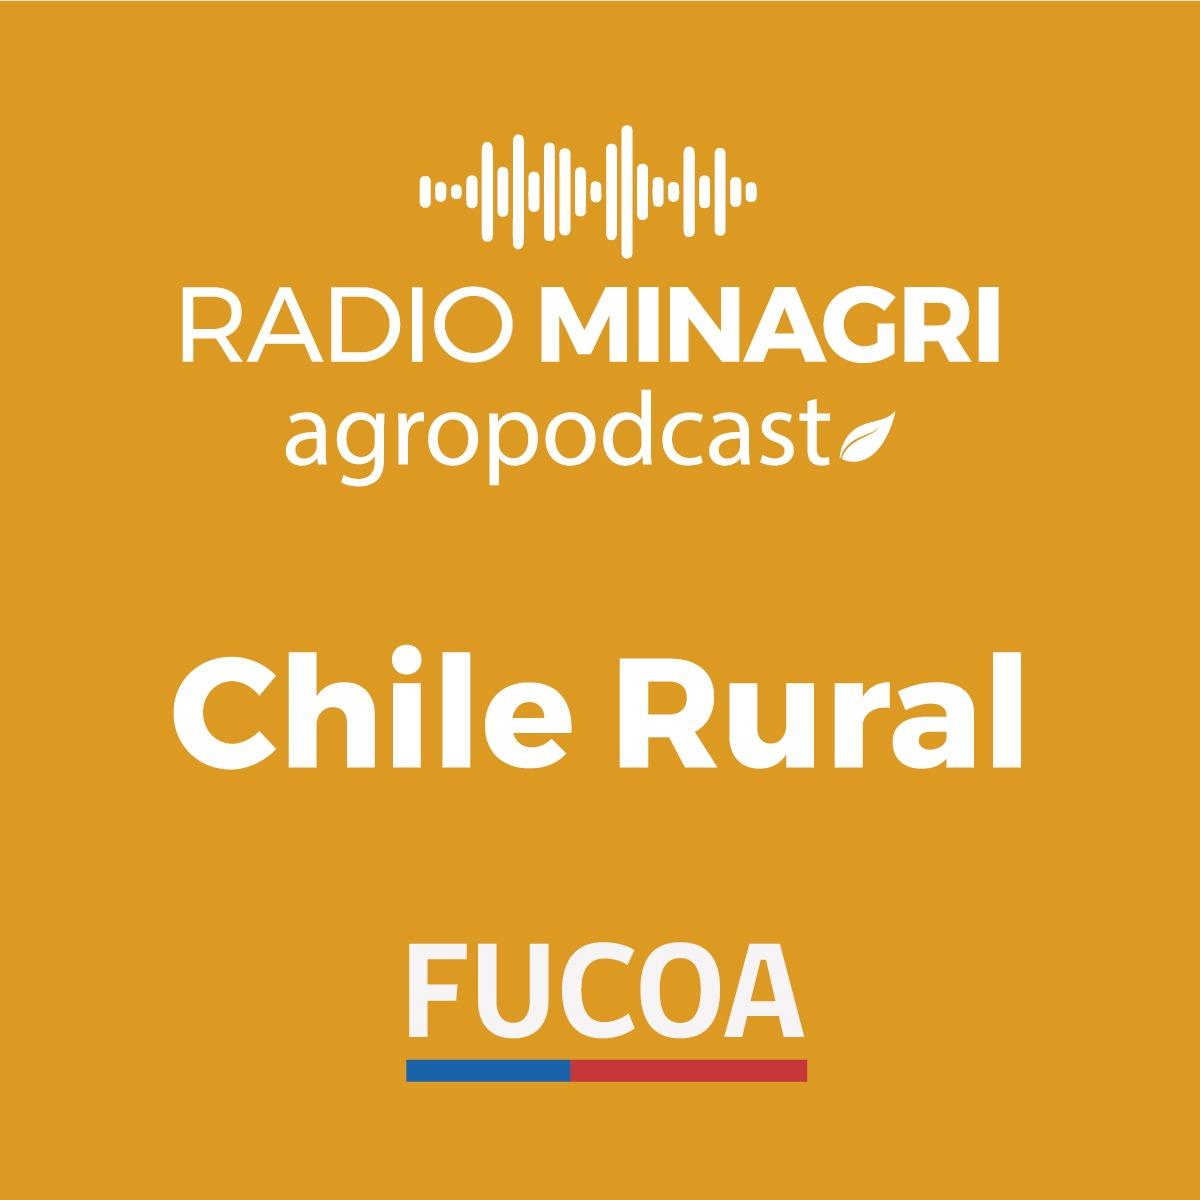 Chile Rural – Episodio 5: Día de los Campesinos y Campesinas